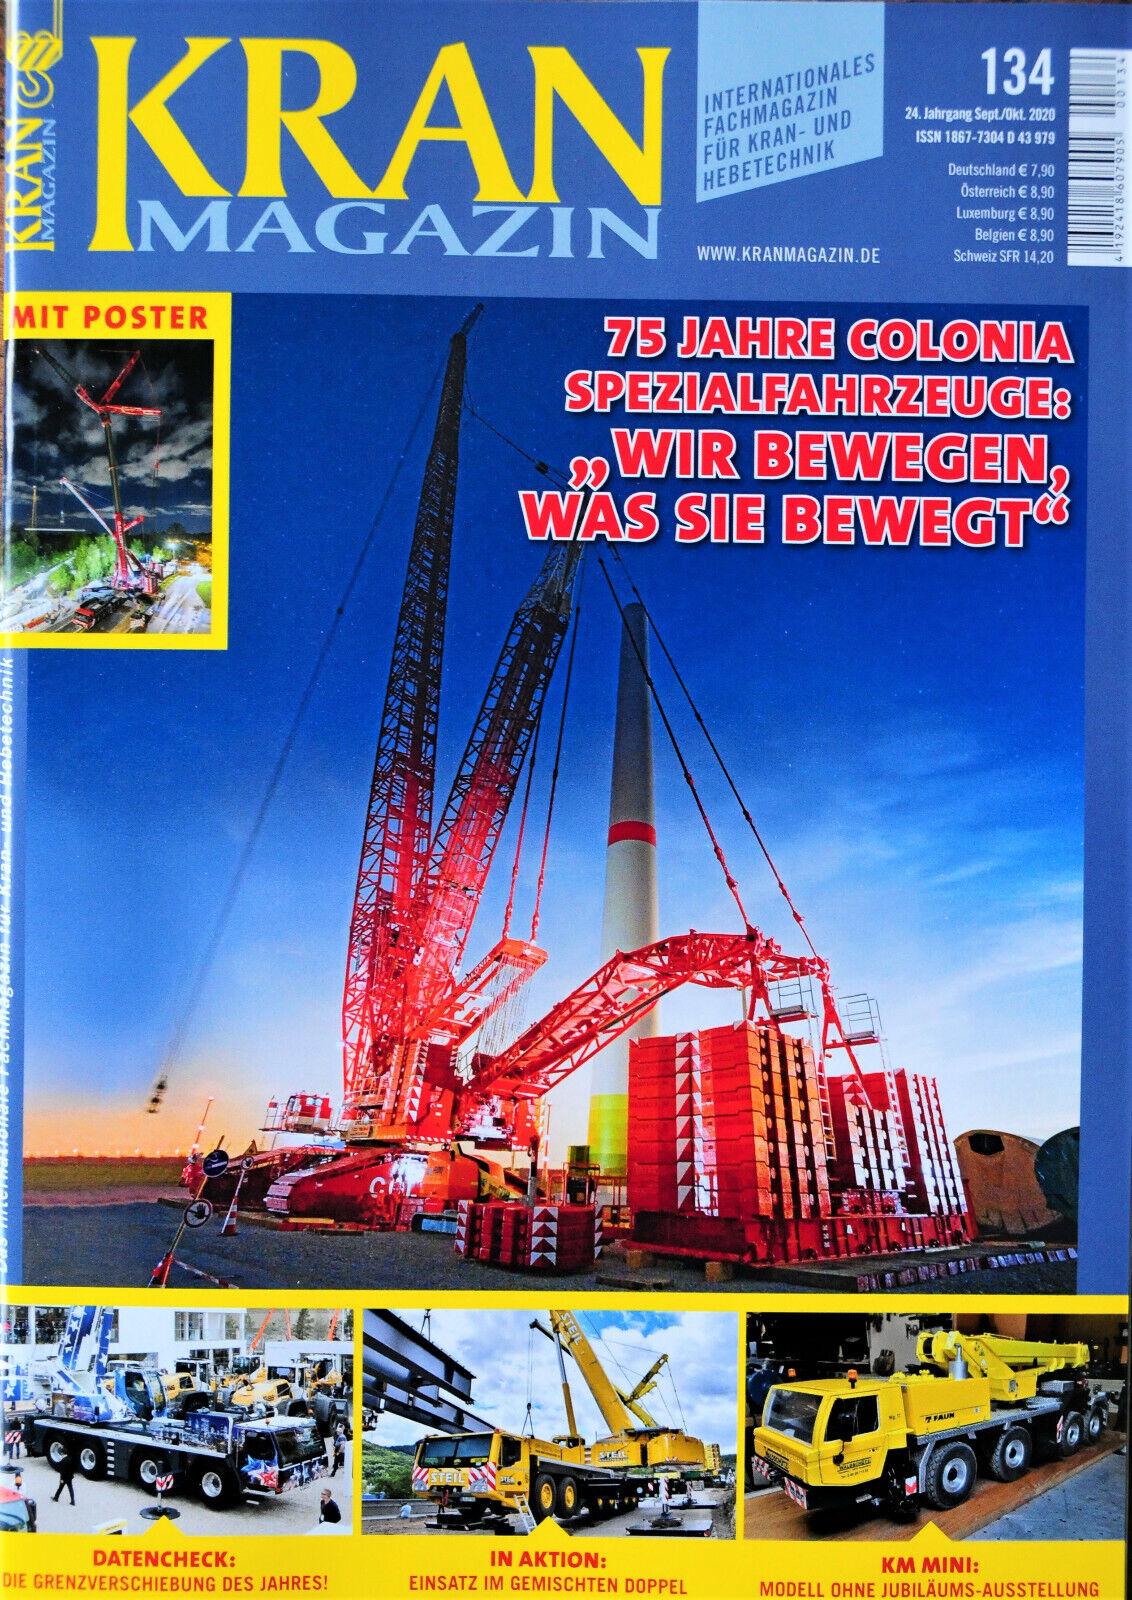 Liebherr LTM 1750 und LR 1800 131 April 2020 Neu ungelesen Kran Magazin Nr